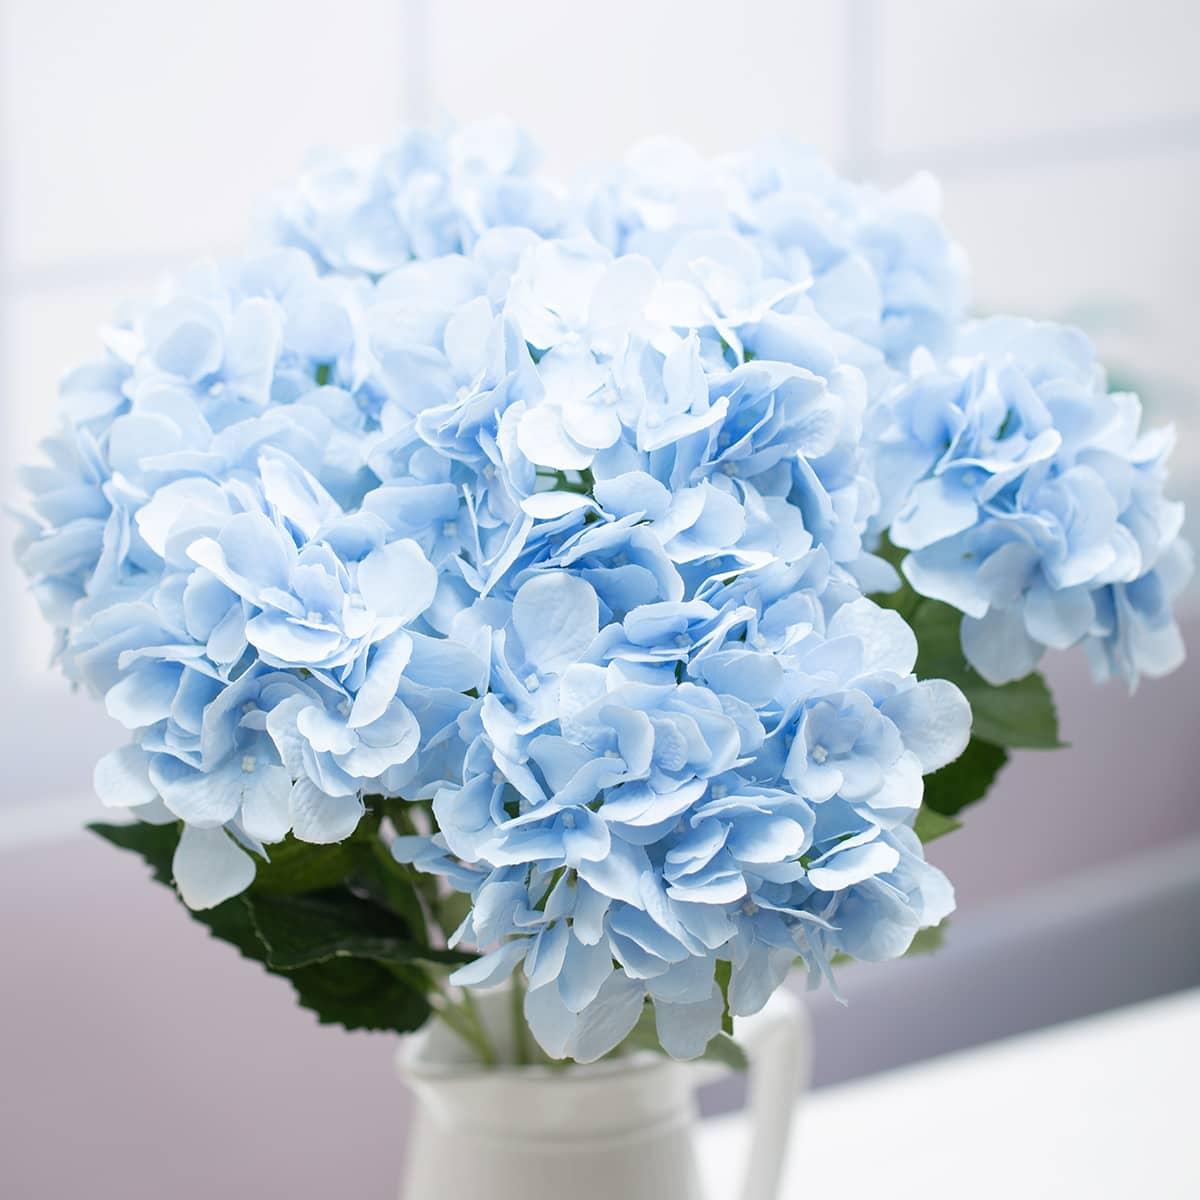 프라임 수국 부쉬 고급 수국꽃 인테리어조화 - 아티플라자, 23,000원, 조화, 리스/가랜드